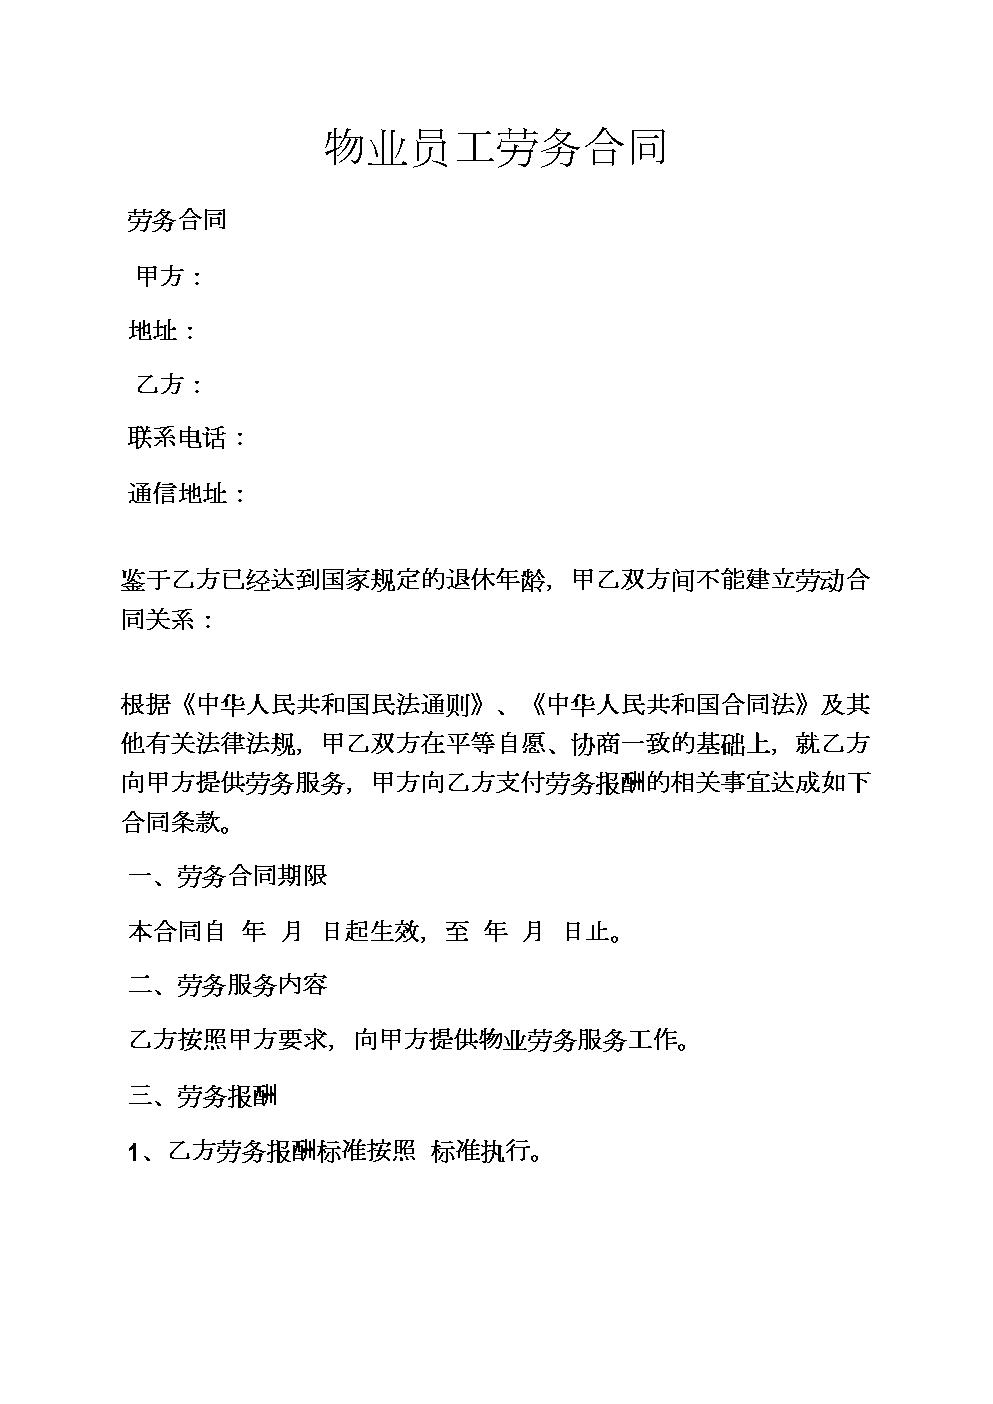 合同范本之物业员工劳务合同.docx